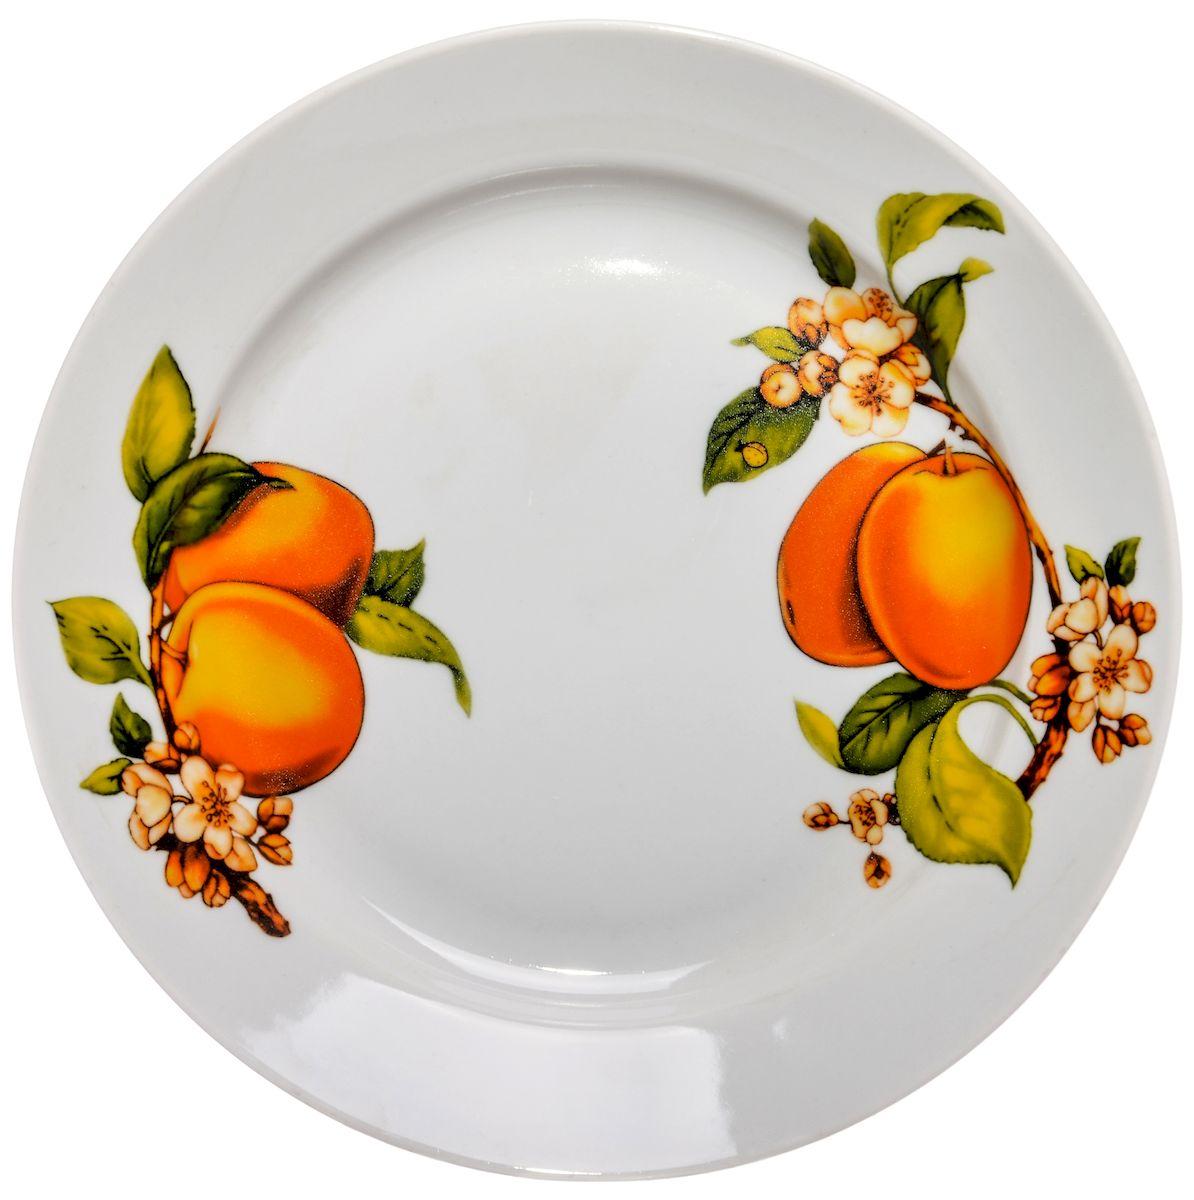 Тарелка для горячего Дулевский фарфор Абрикосы, 24 см54 009312Посуду можно использовать в СВЧ и мыть в посудомоечных машинах. Не рекомендуется использовать абразивные моющие средства.